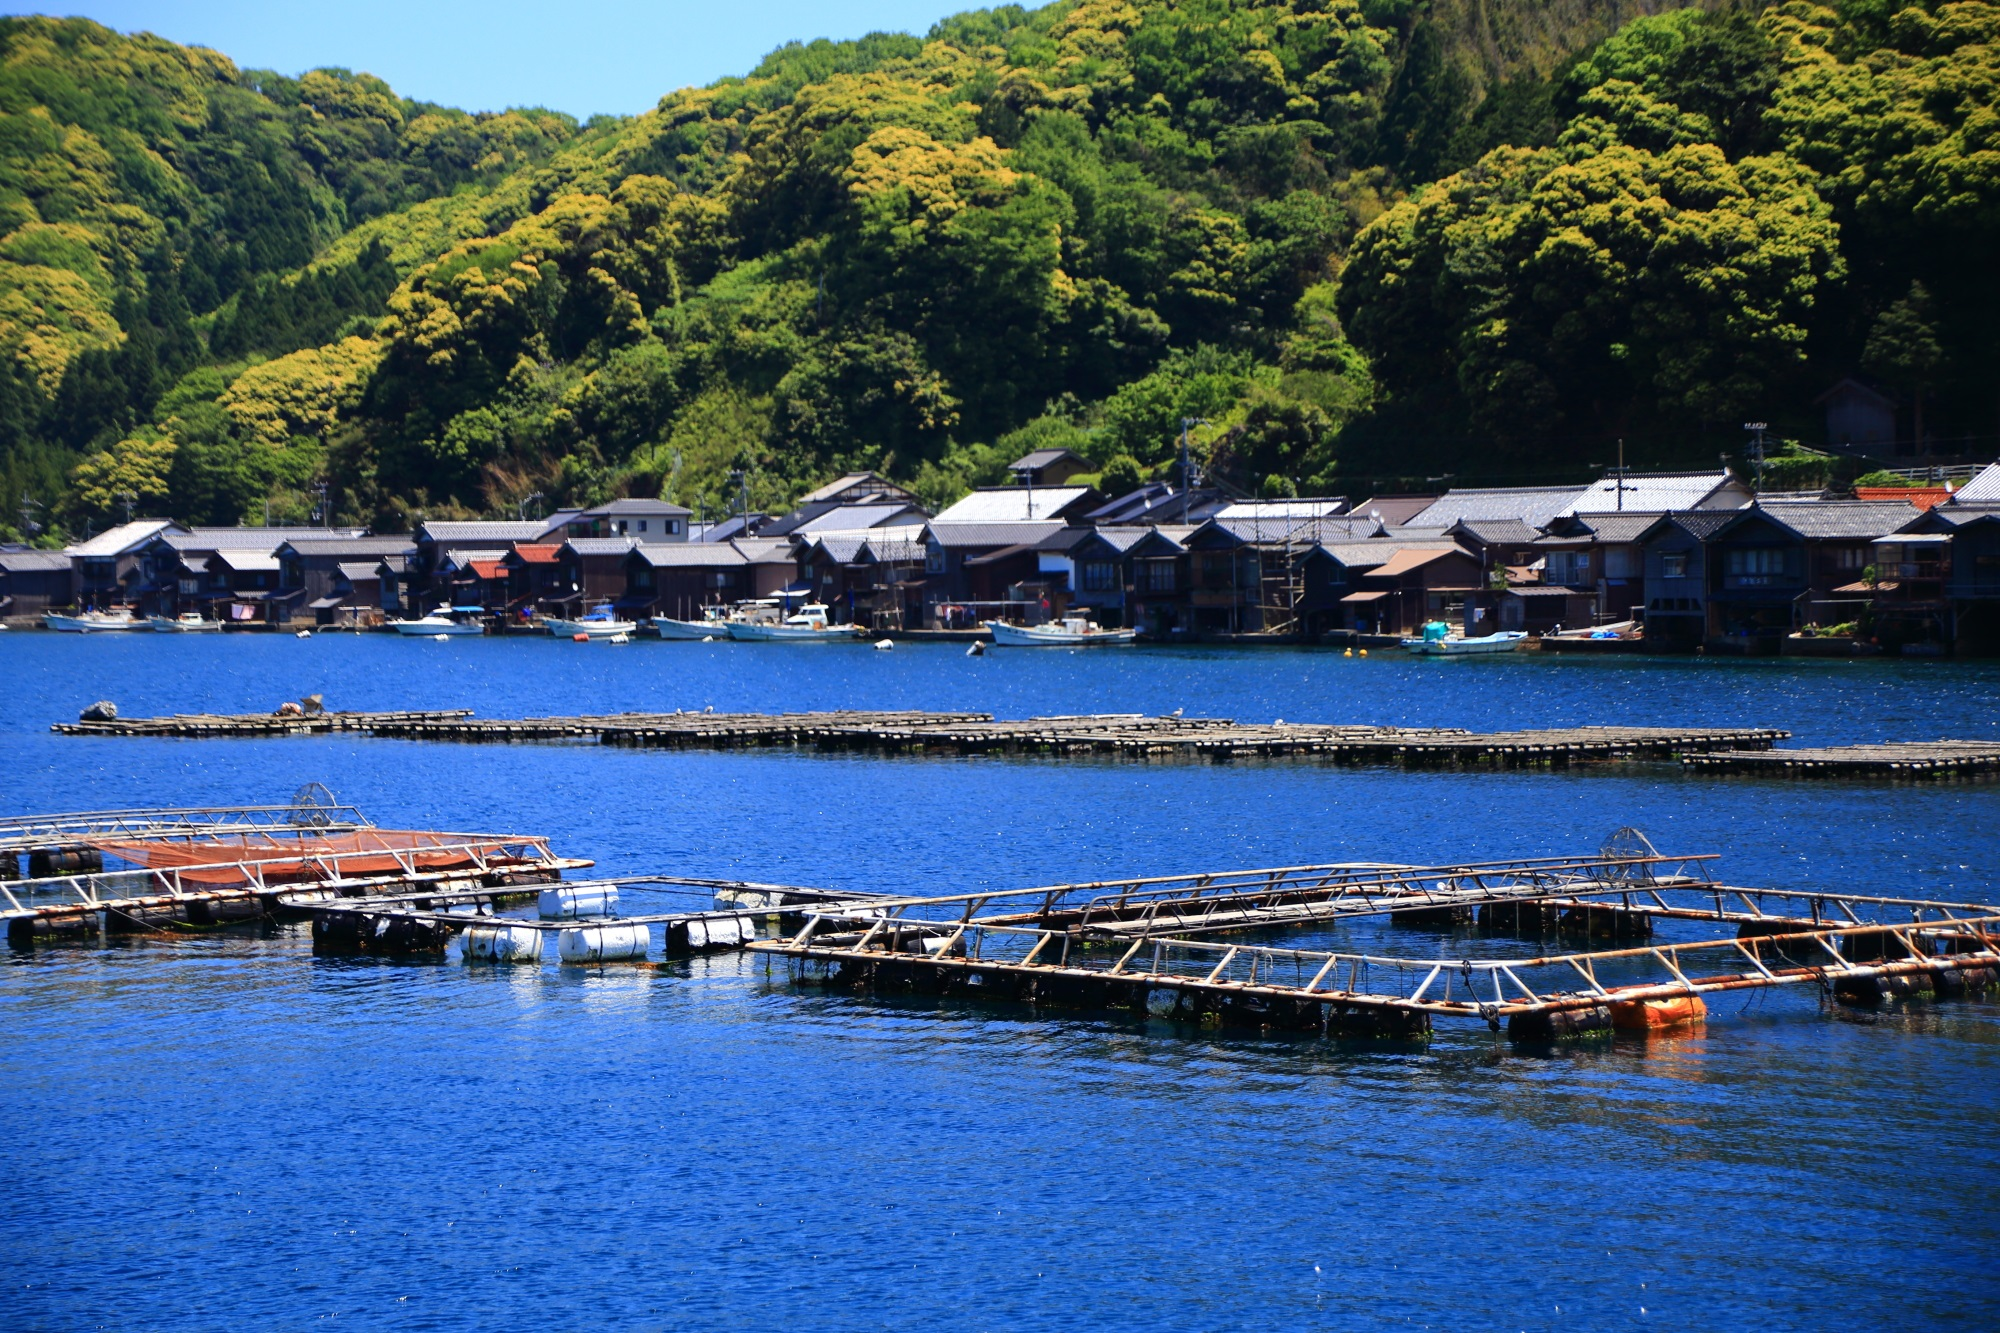 伊根の舟屋の牡蠣の養殖